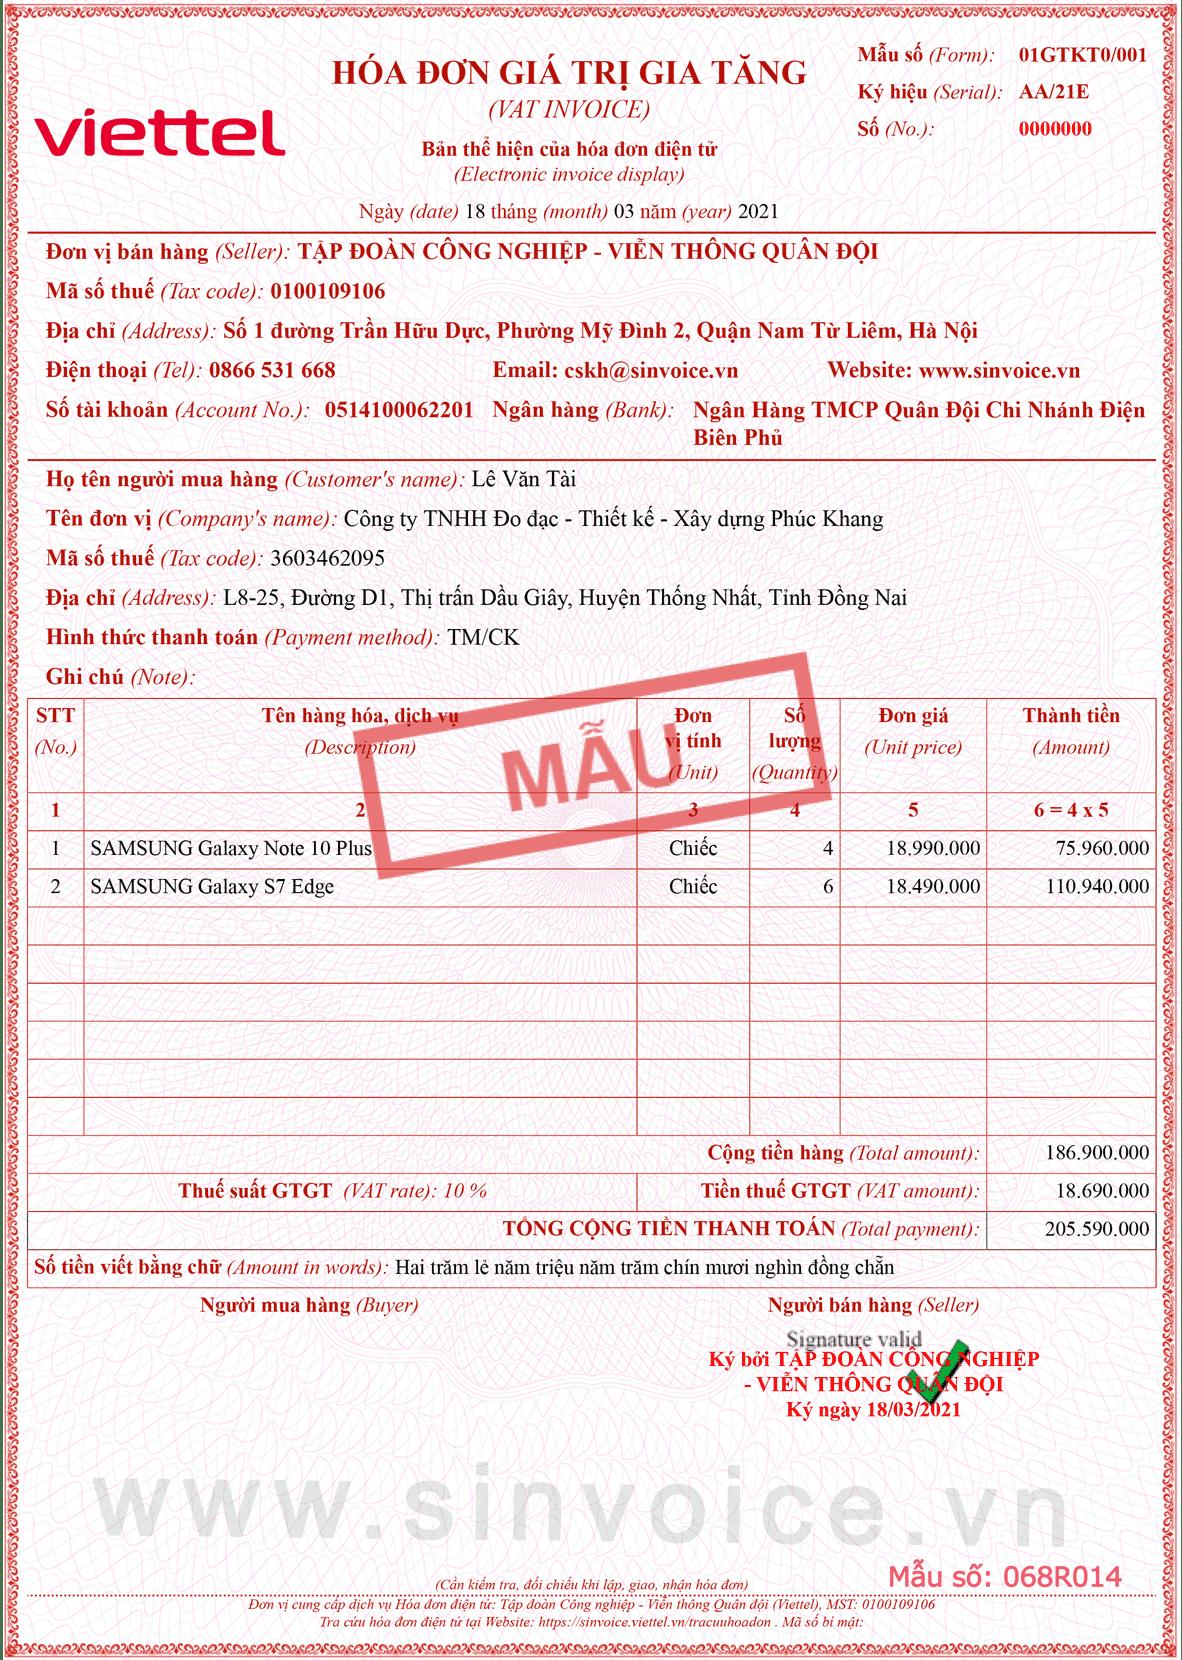 Mẫu hóa đơn điện tử số 068R014